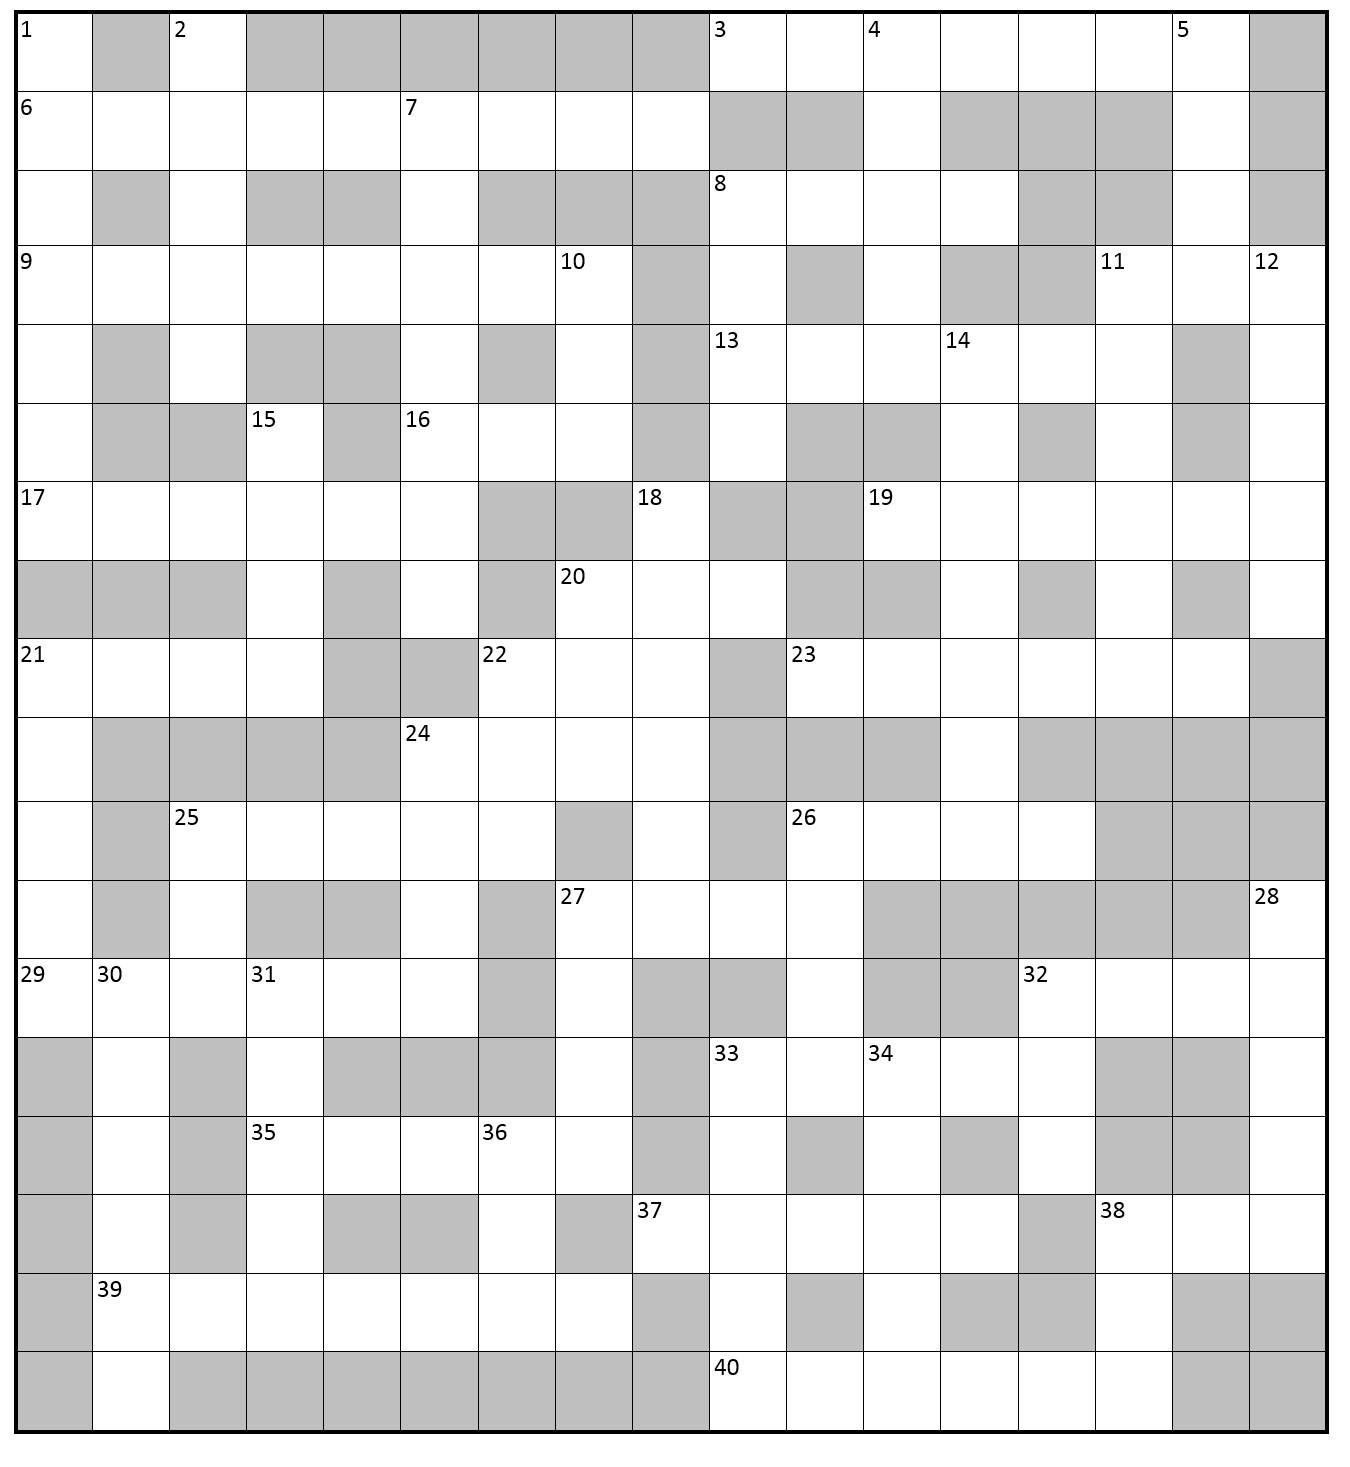 Skeptical people crossword